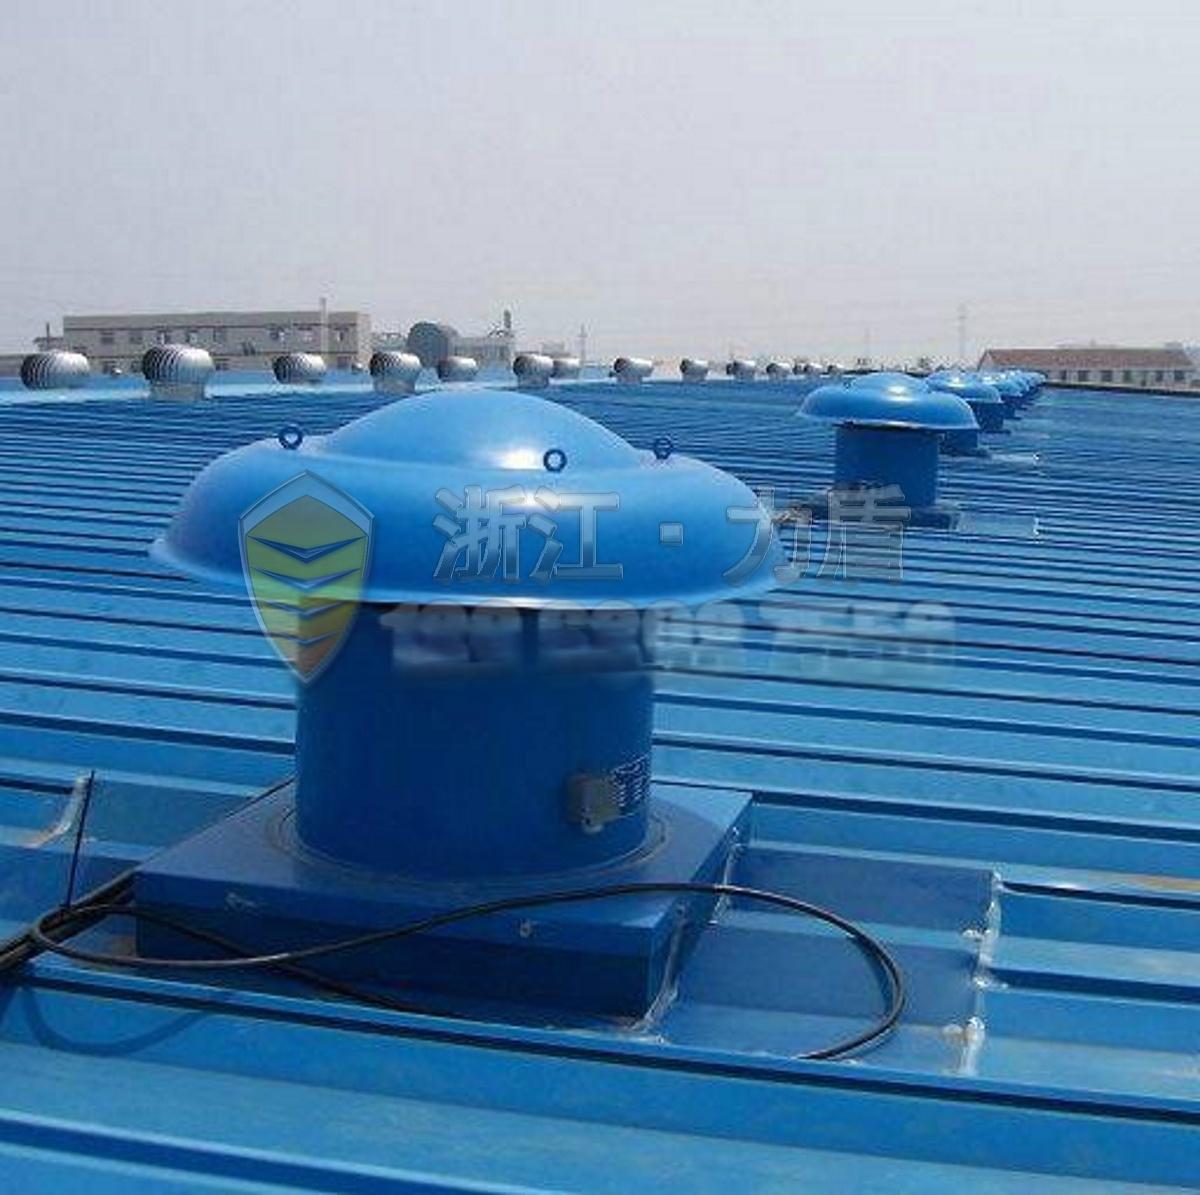 dwt系列屋顶通风机已在秦皇岛热电厂,中央1,首都国际机场候机楼和